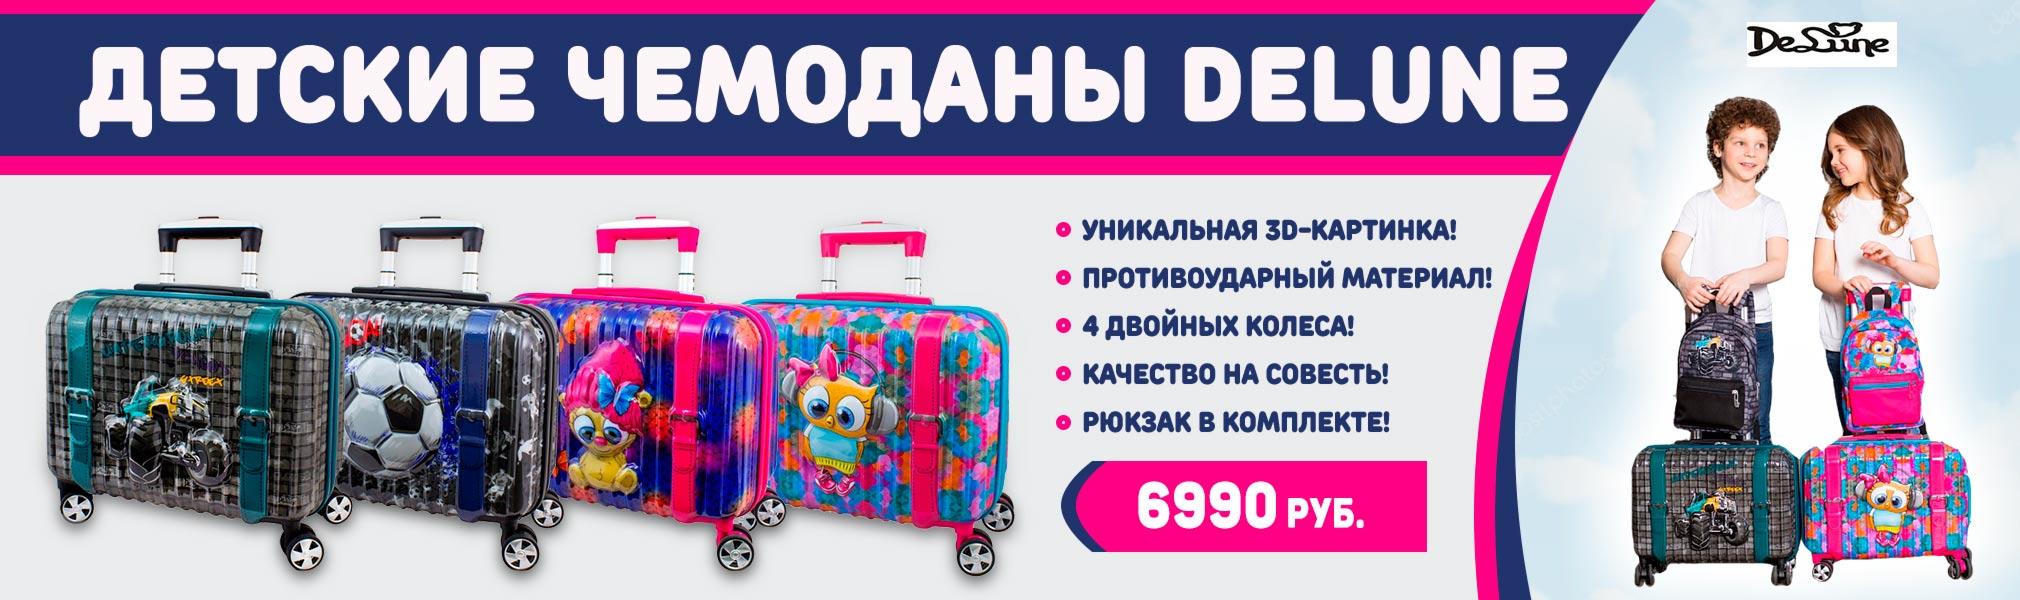 Детские стильные чемоданы DeLune - рюкзак в подарок!